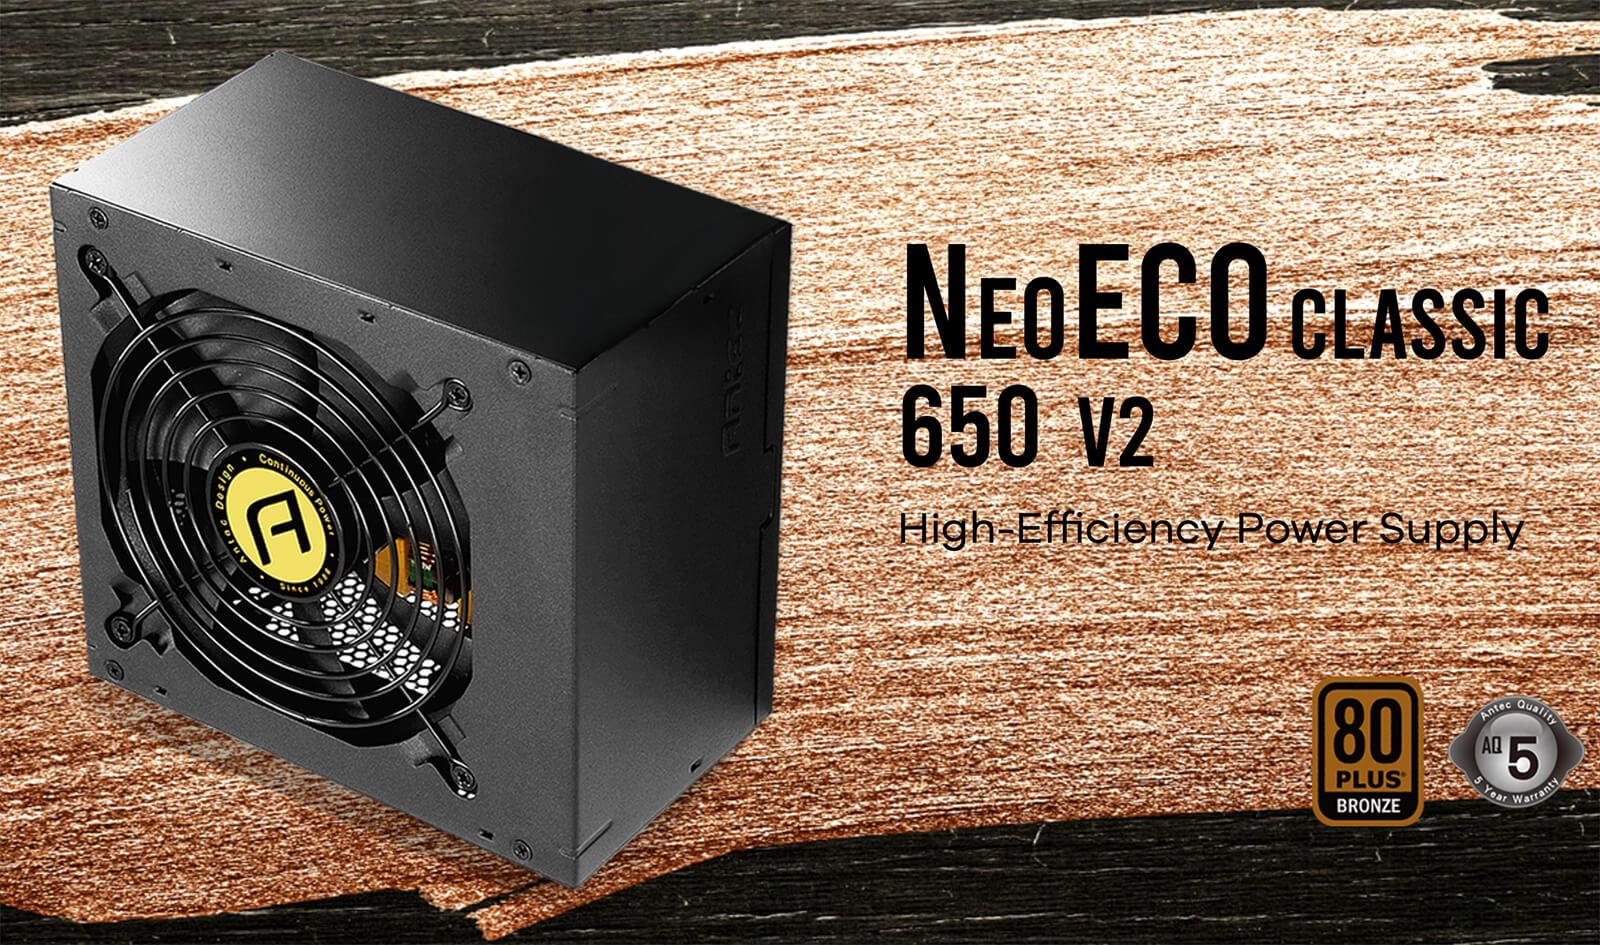 Antec Neo Eco Classic 650 V2